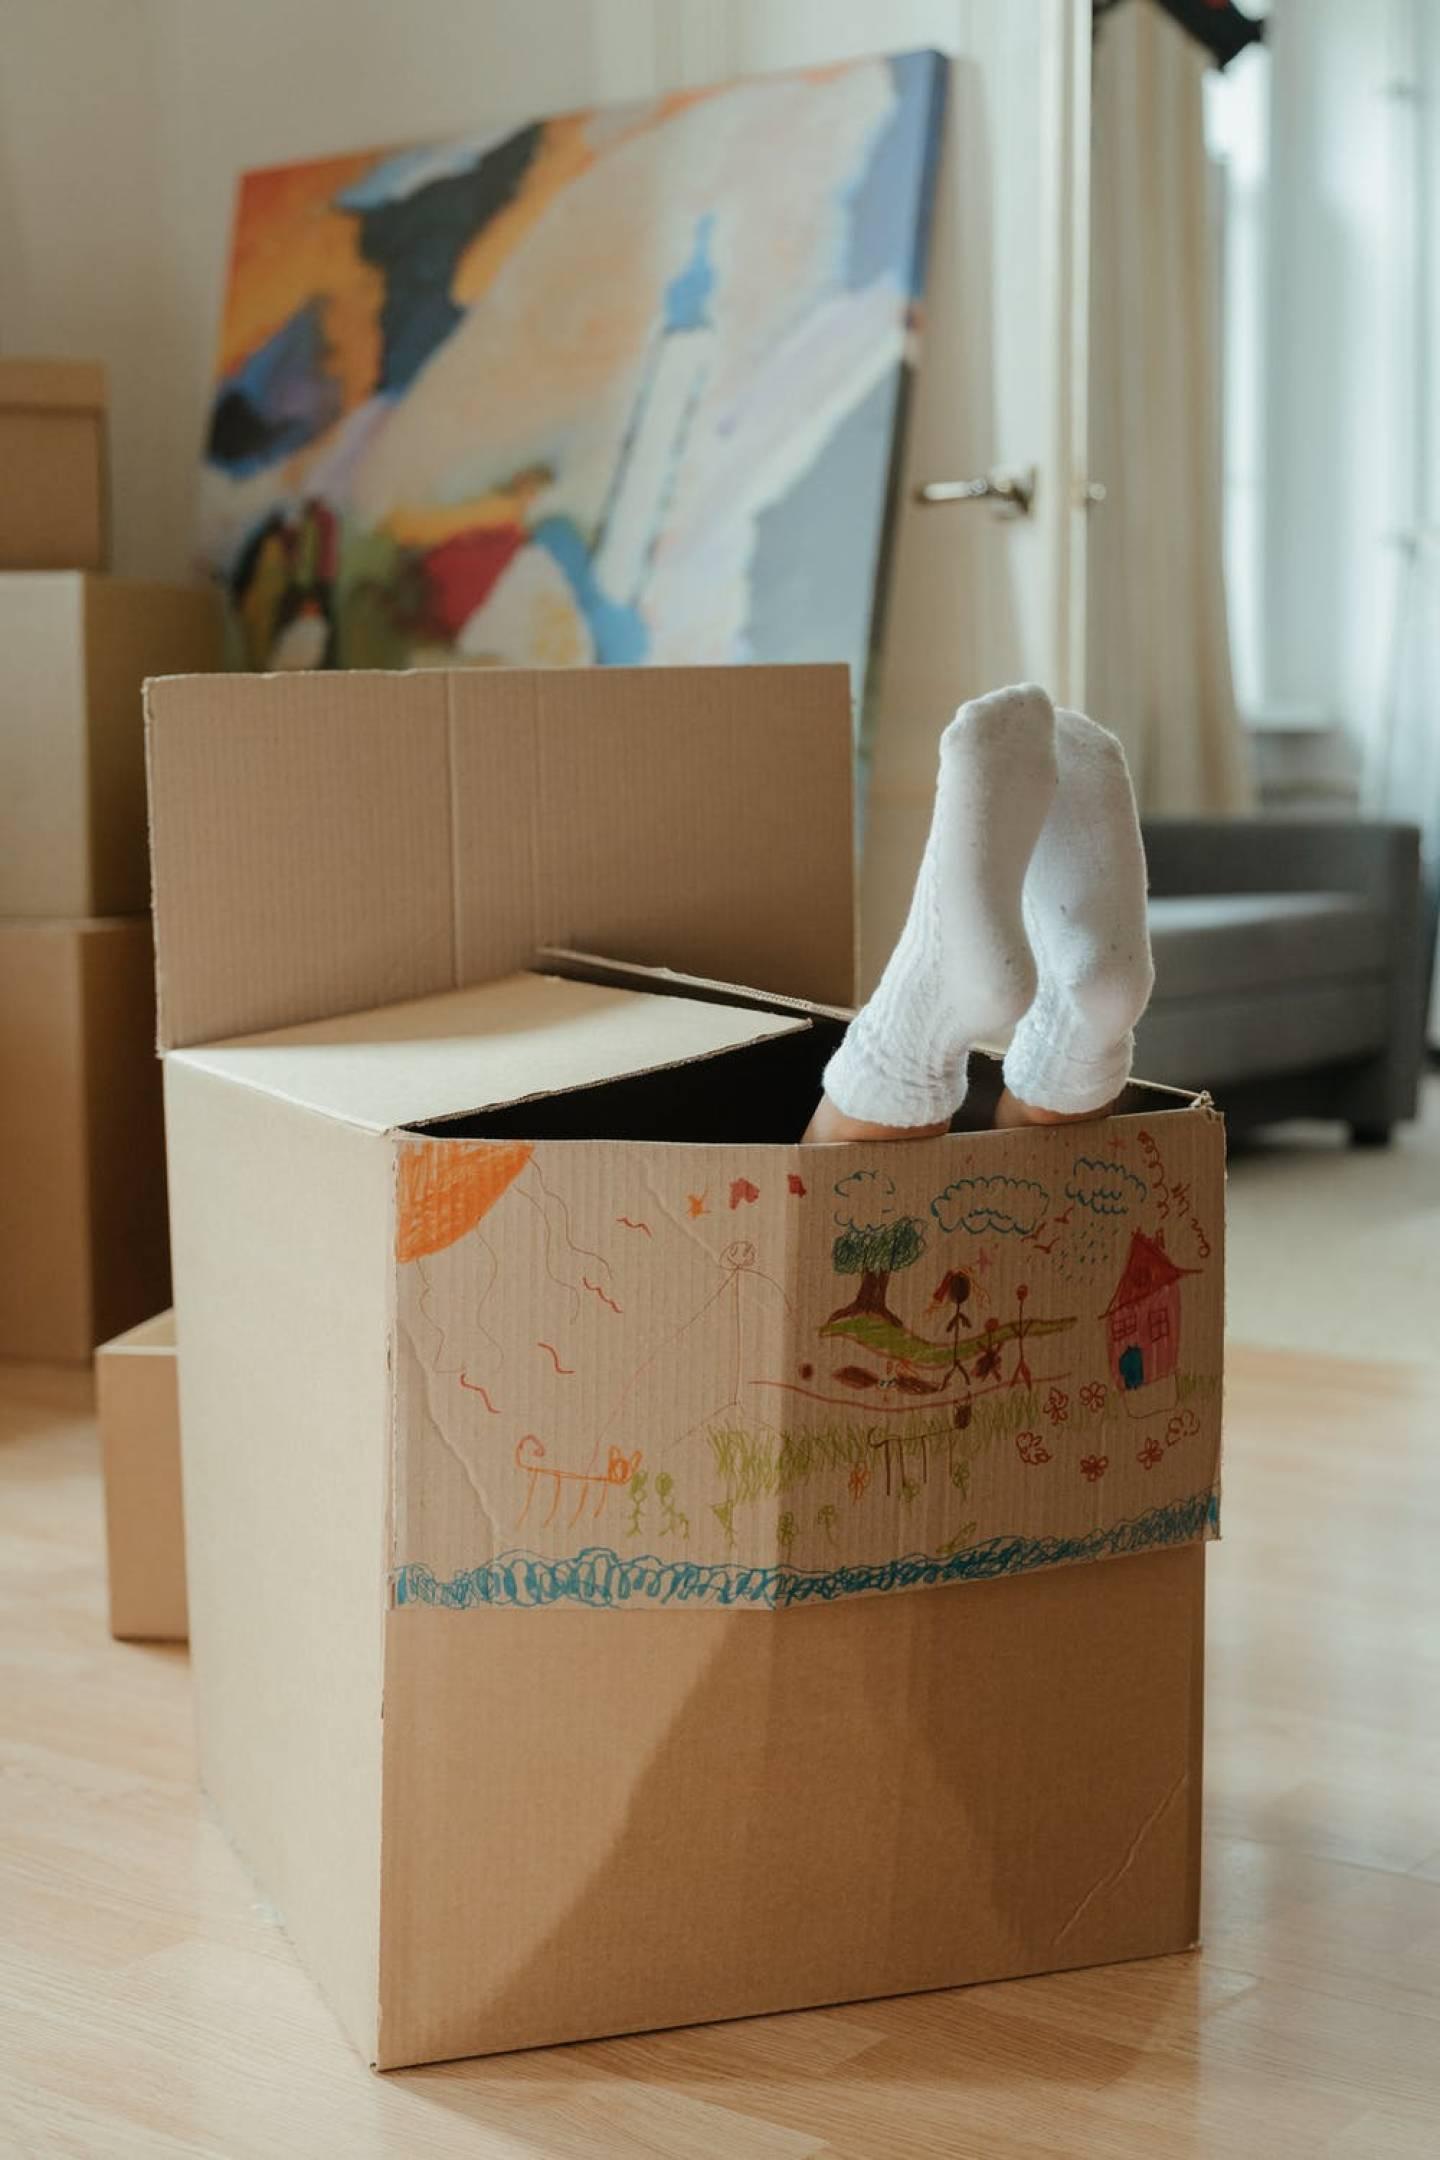 verhuizen-met-kinderen-zonder-stres